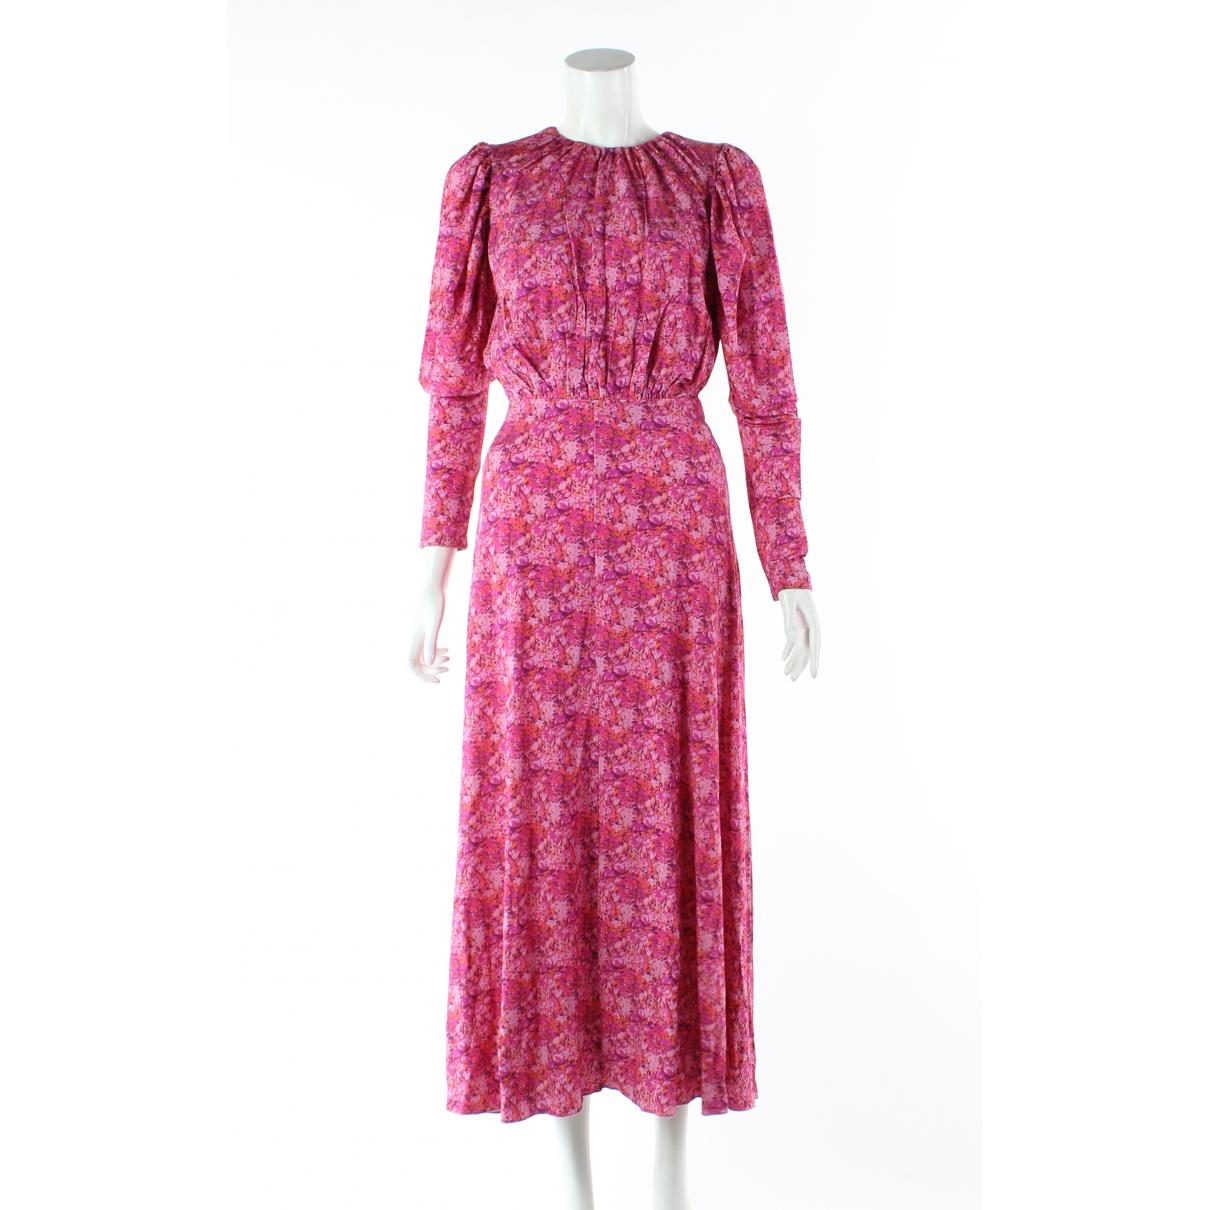 Autre Marque \N Pink Cotton dress for Women 10 UK